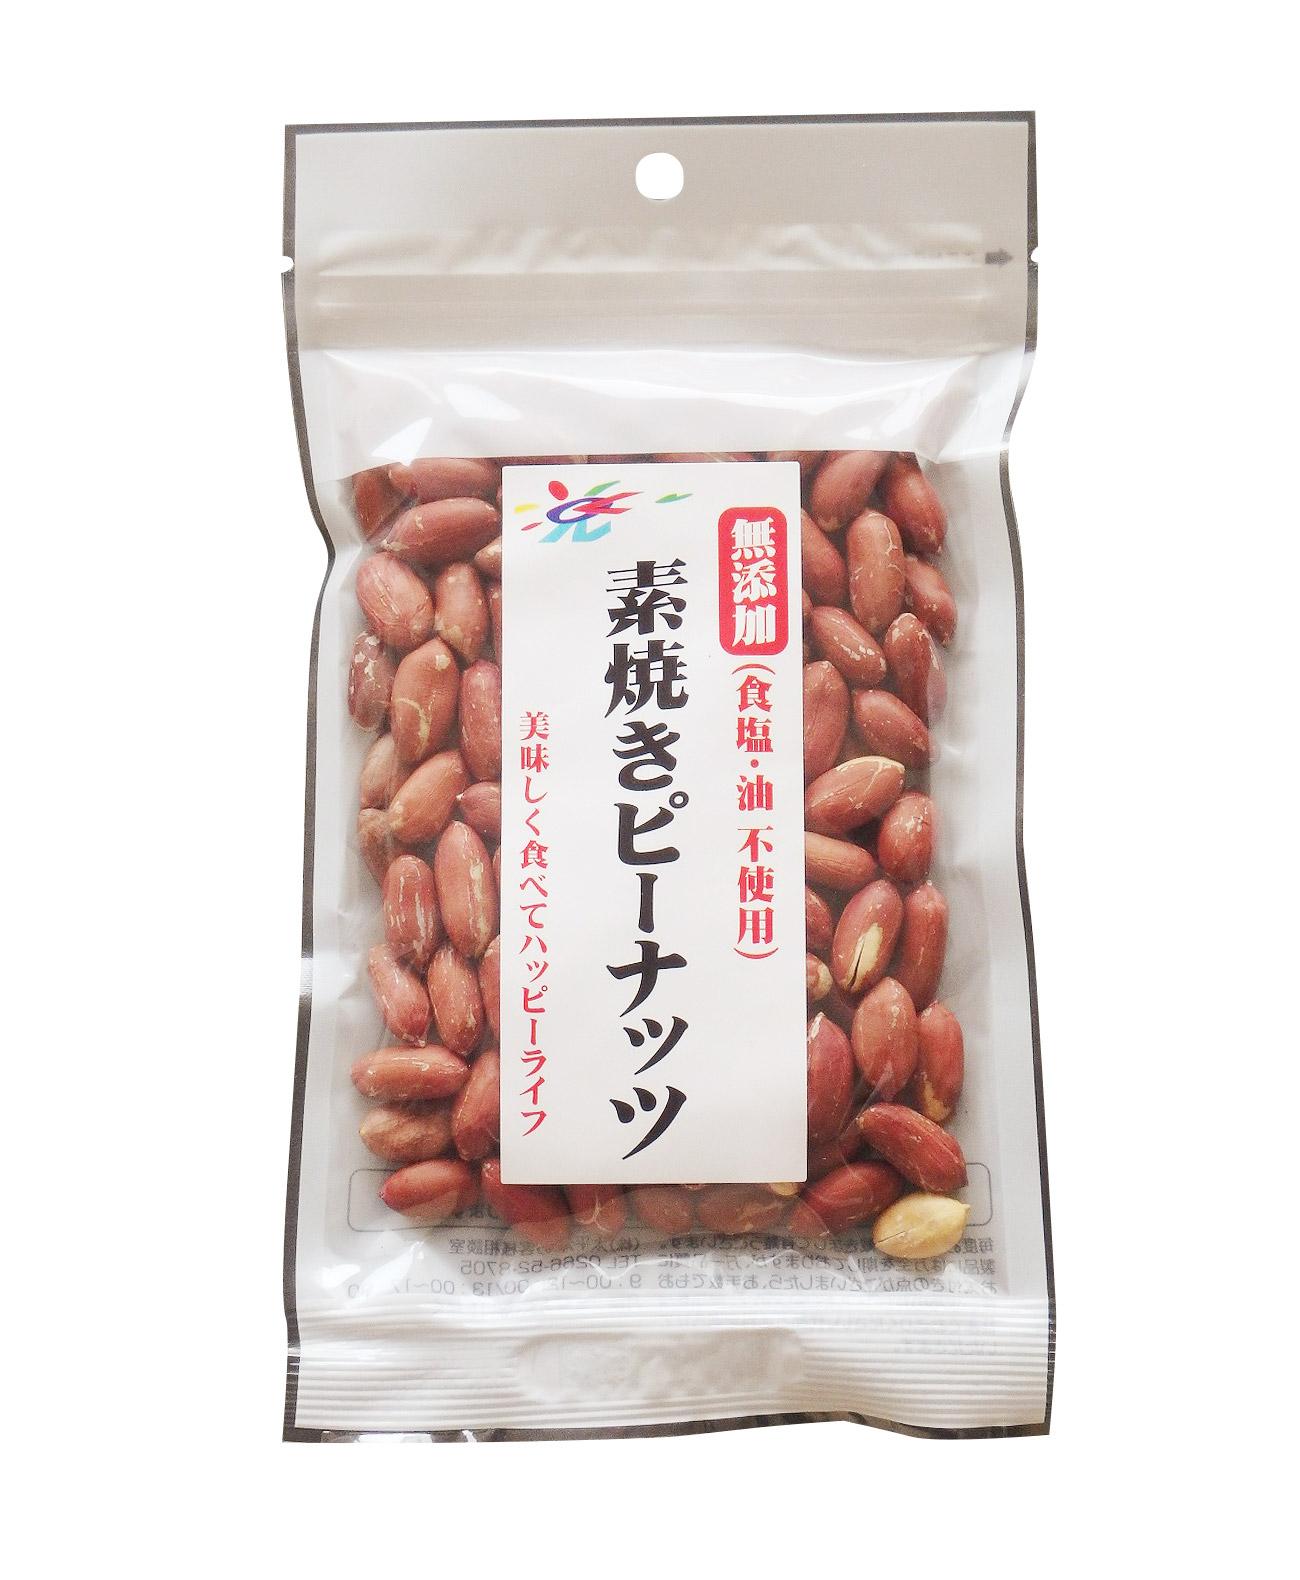 ハッピーライフ素焼きピーナッツ